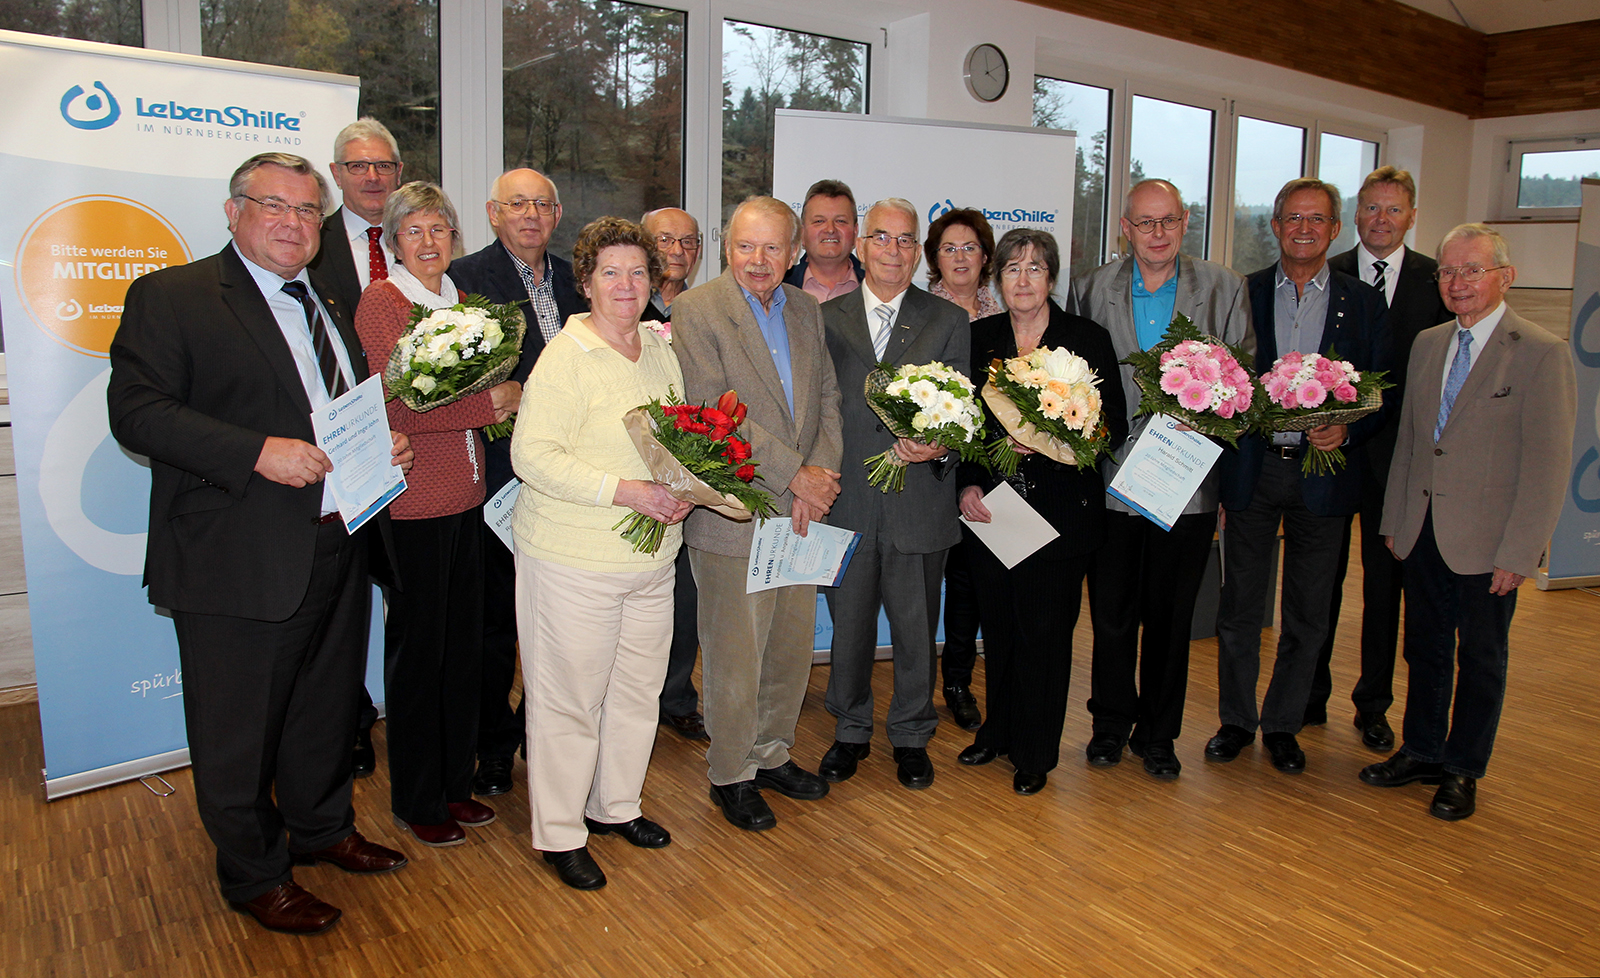 Höhepunkt der Jahreshauptversammlung 2016 war die Ehrung langjähriger Mitglieder für 40, 30, 25 und 20 Jahre Mitgliedschaft. Überrascht wurde Gerhard John mit einer Ehrung für seine besonderen Verdienste für Menschen mit Behinderung und 20jähriges Ehrenam